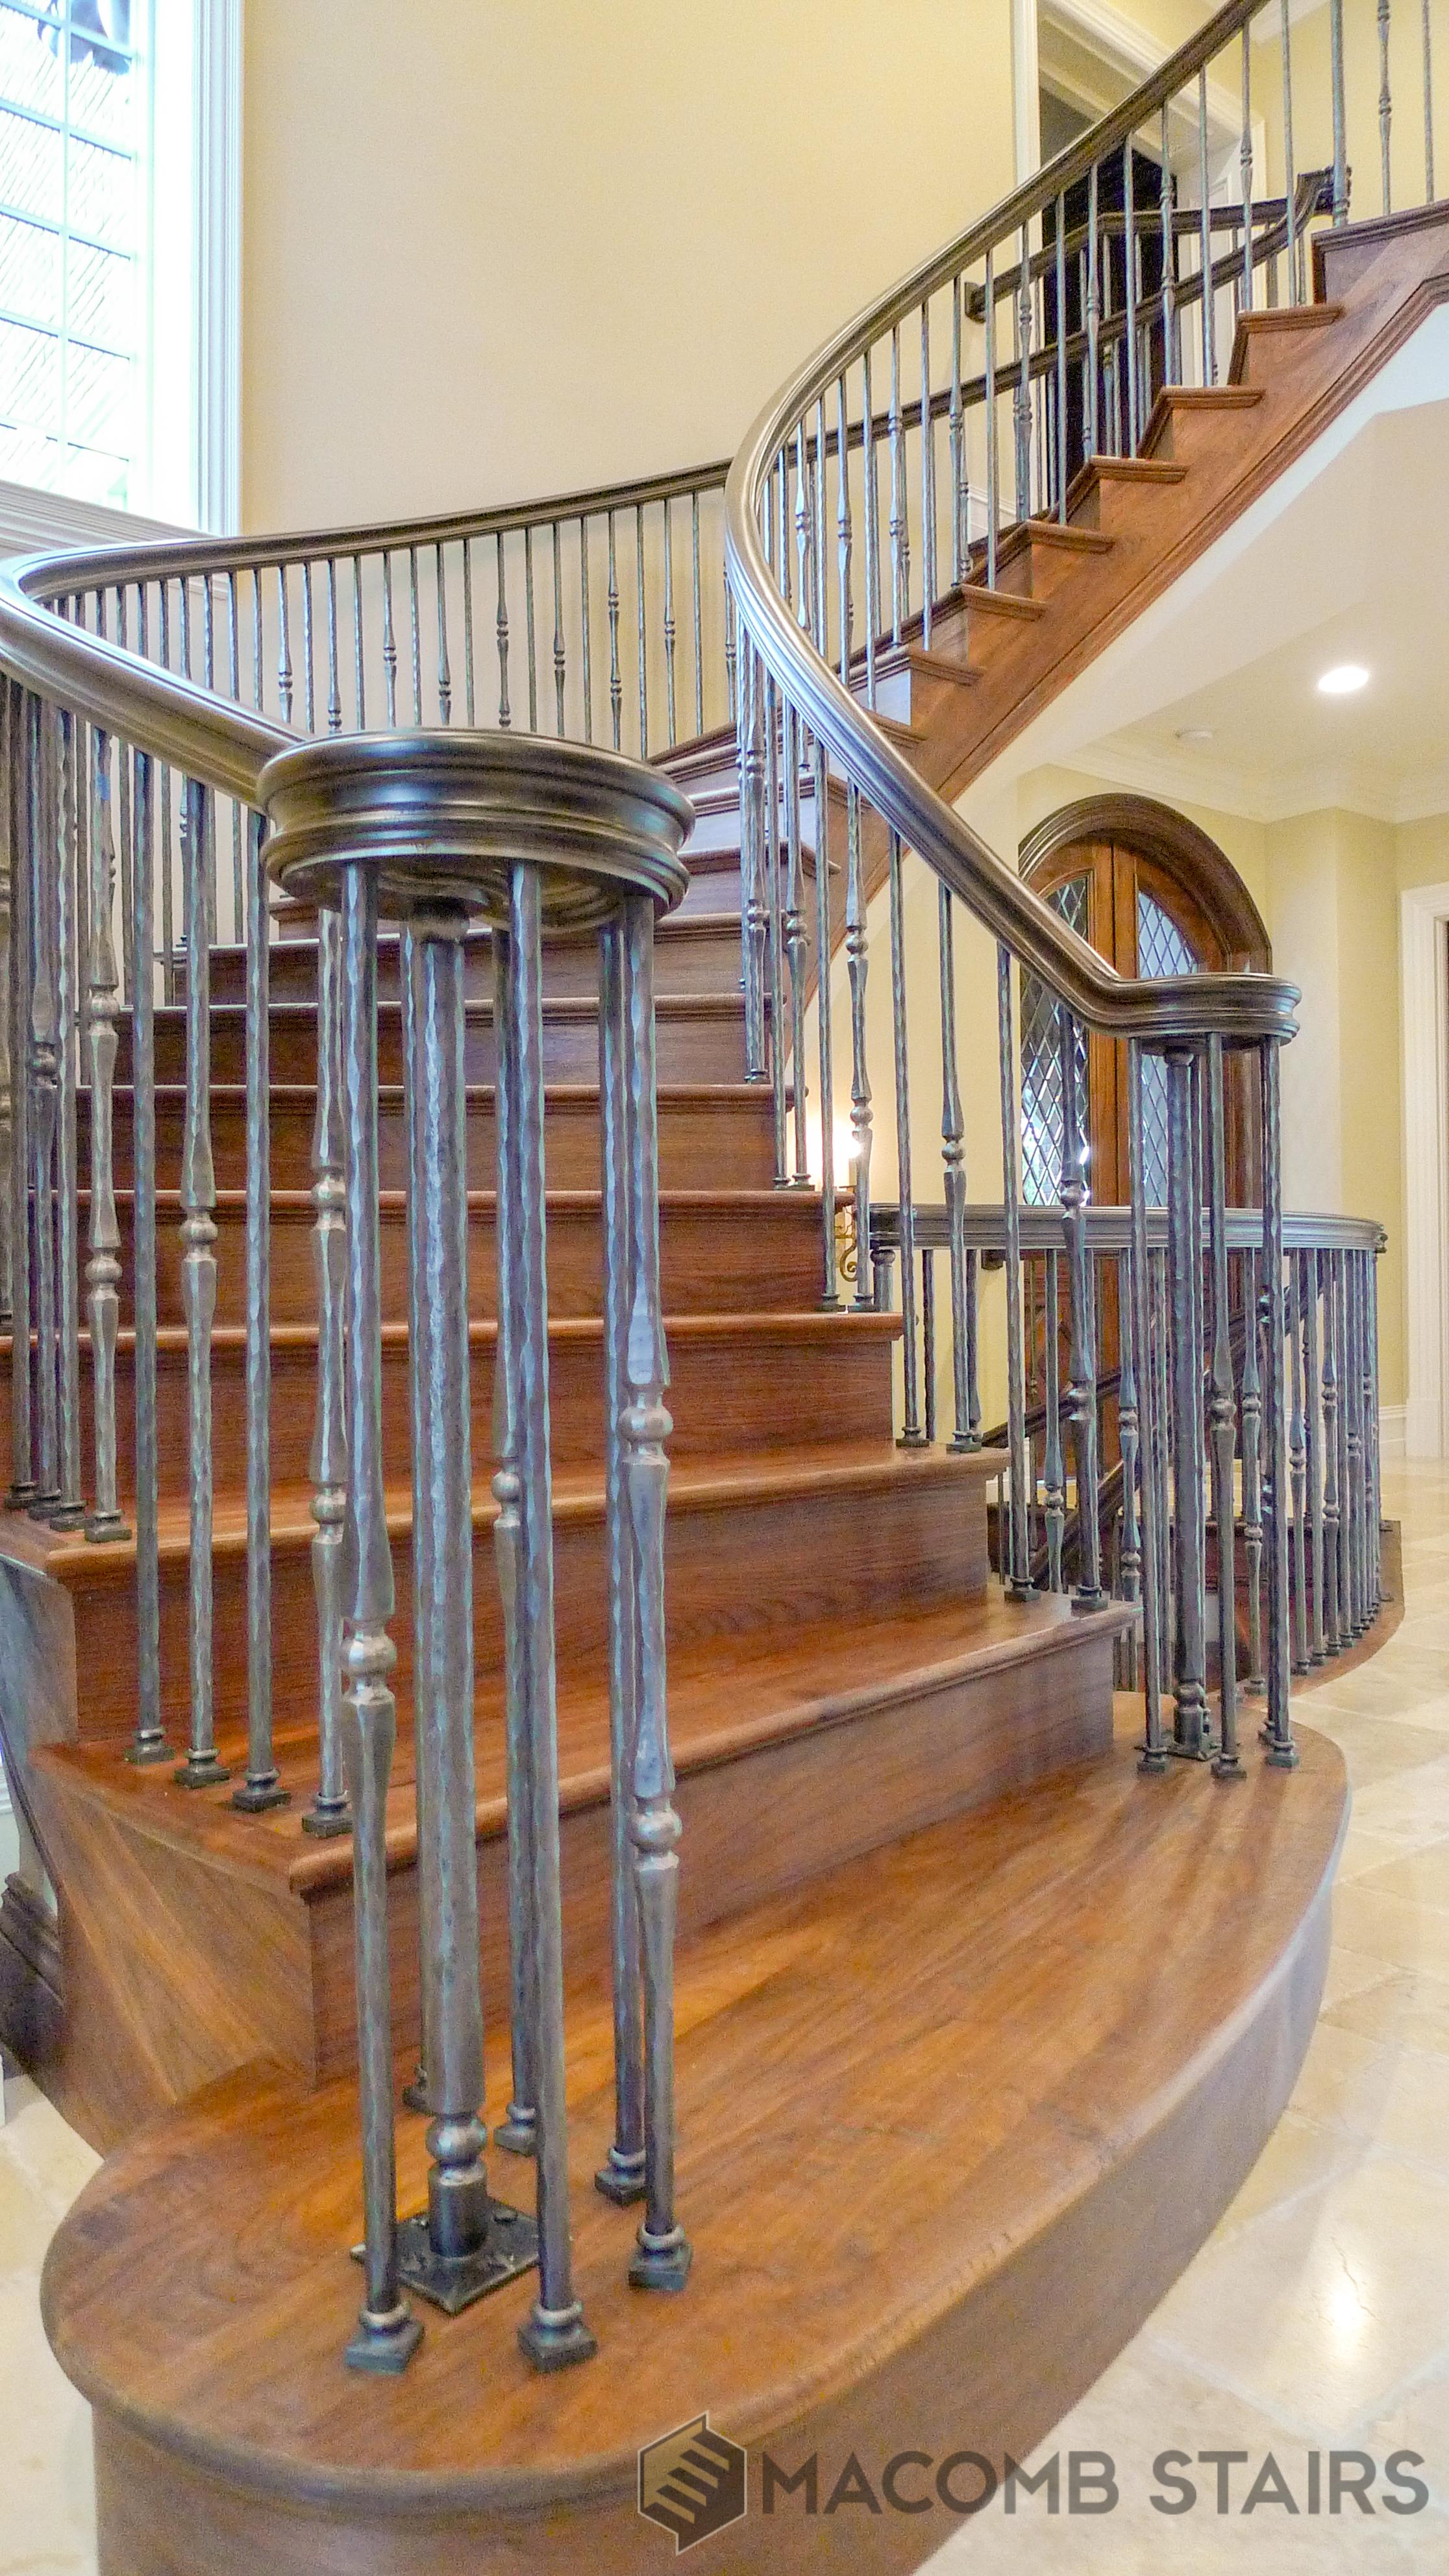 Macomb Stairs- Stair Photo-231.jpg